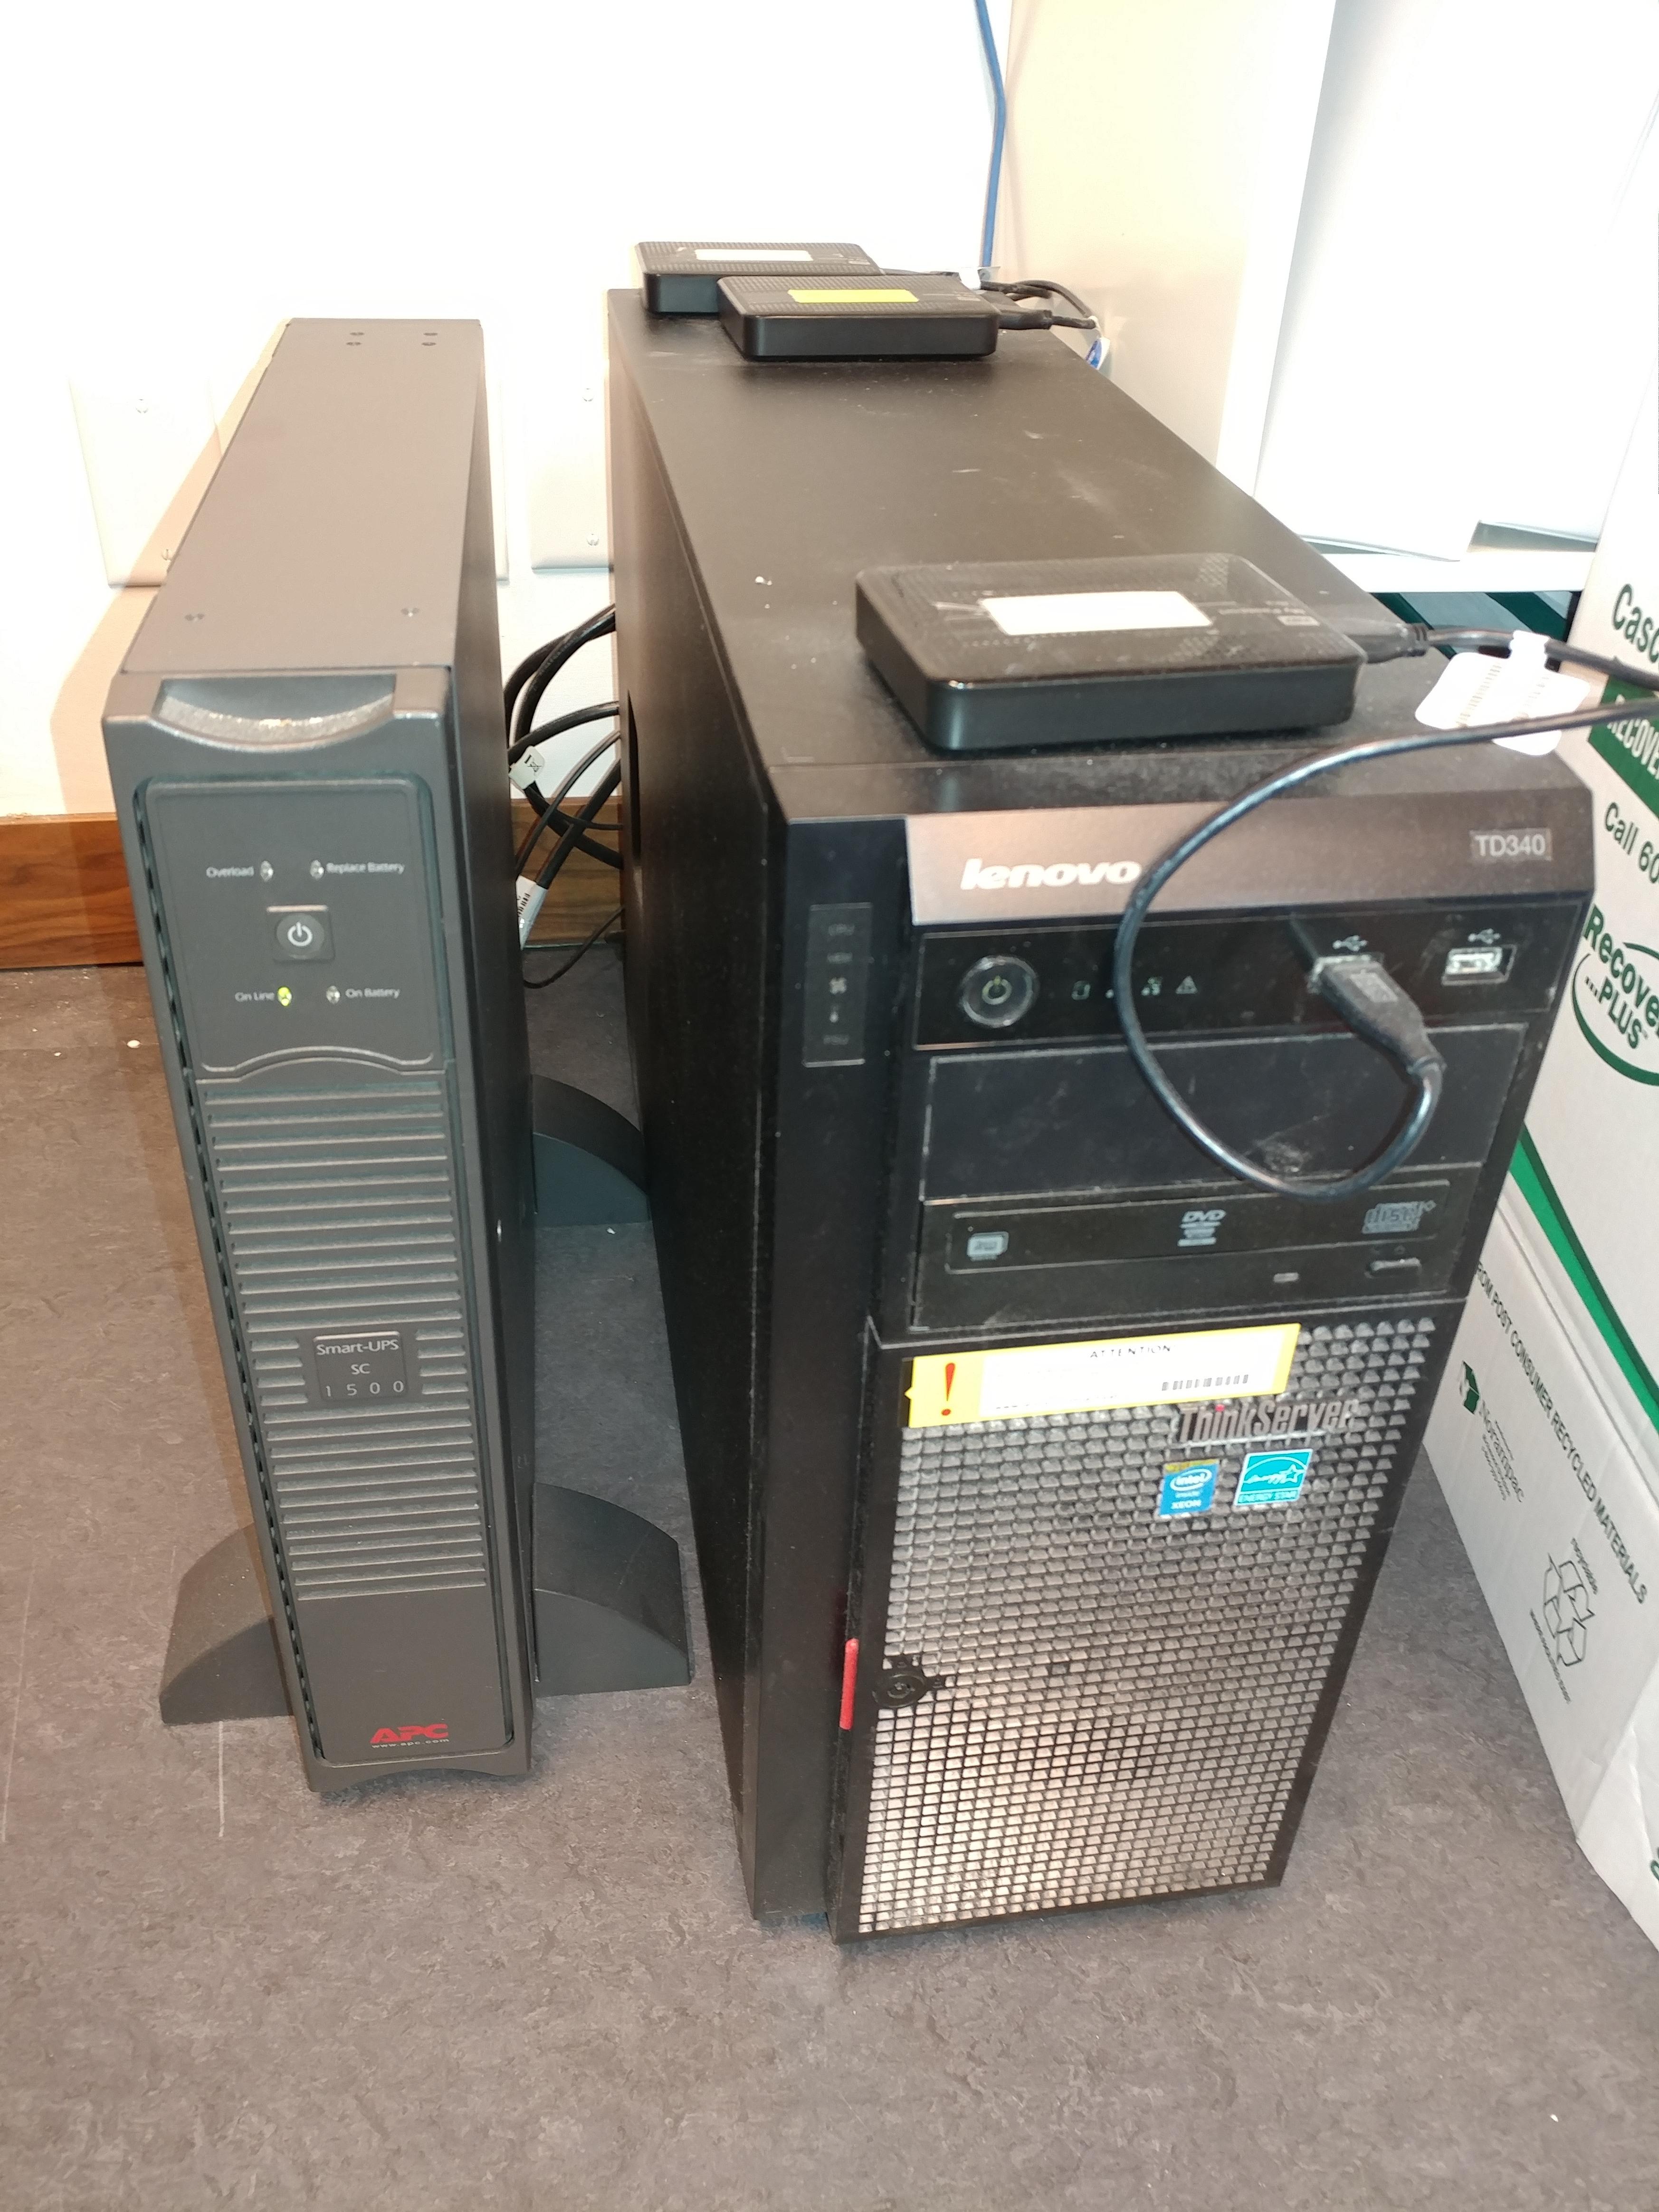 Lenovo server setup